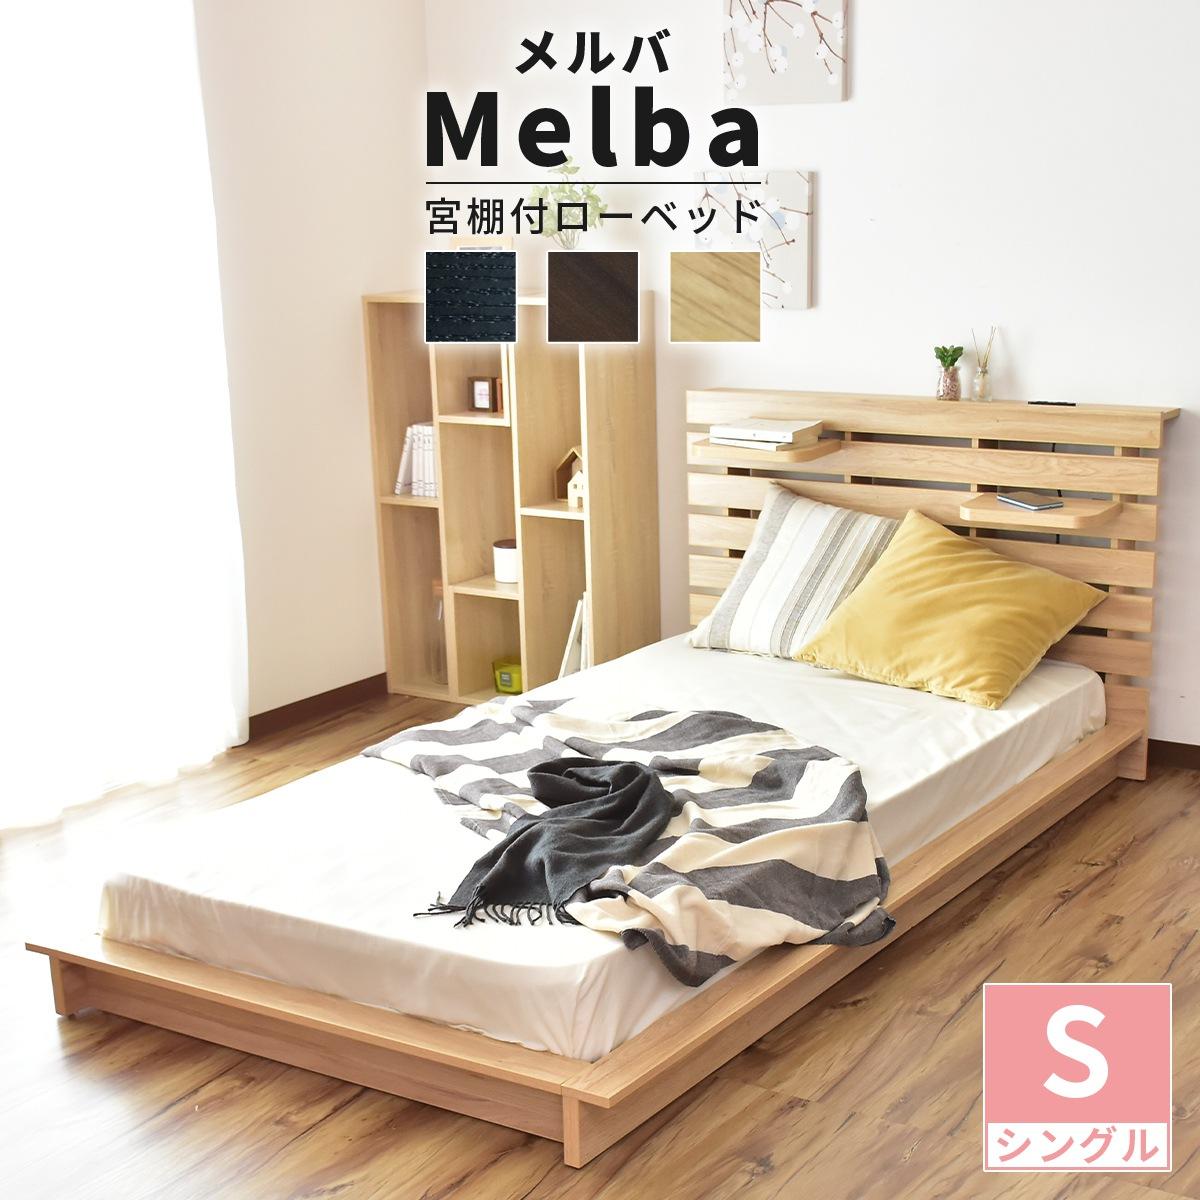 【送料無料 (一部地域除く)】 ベッド ベッドフレーム シングル フレーム 収納付き ロータイプ 組立式 メルバS 新生活応援